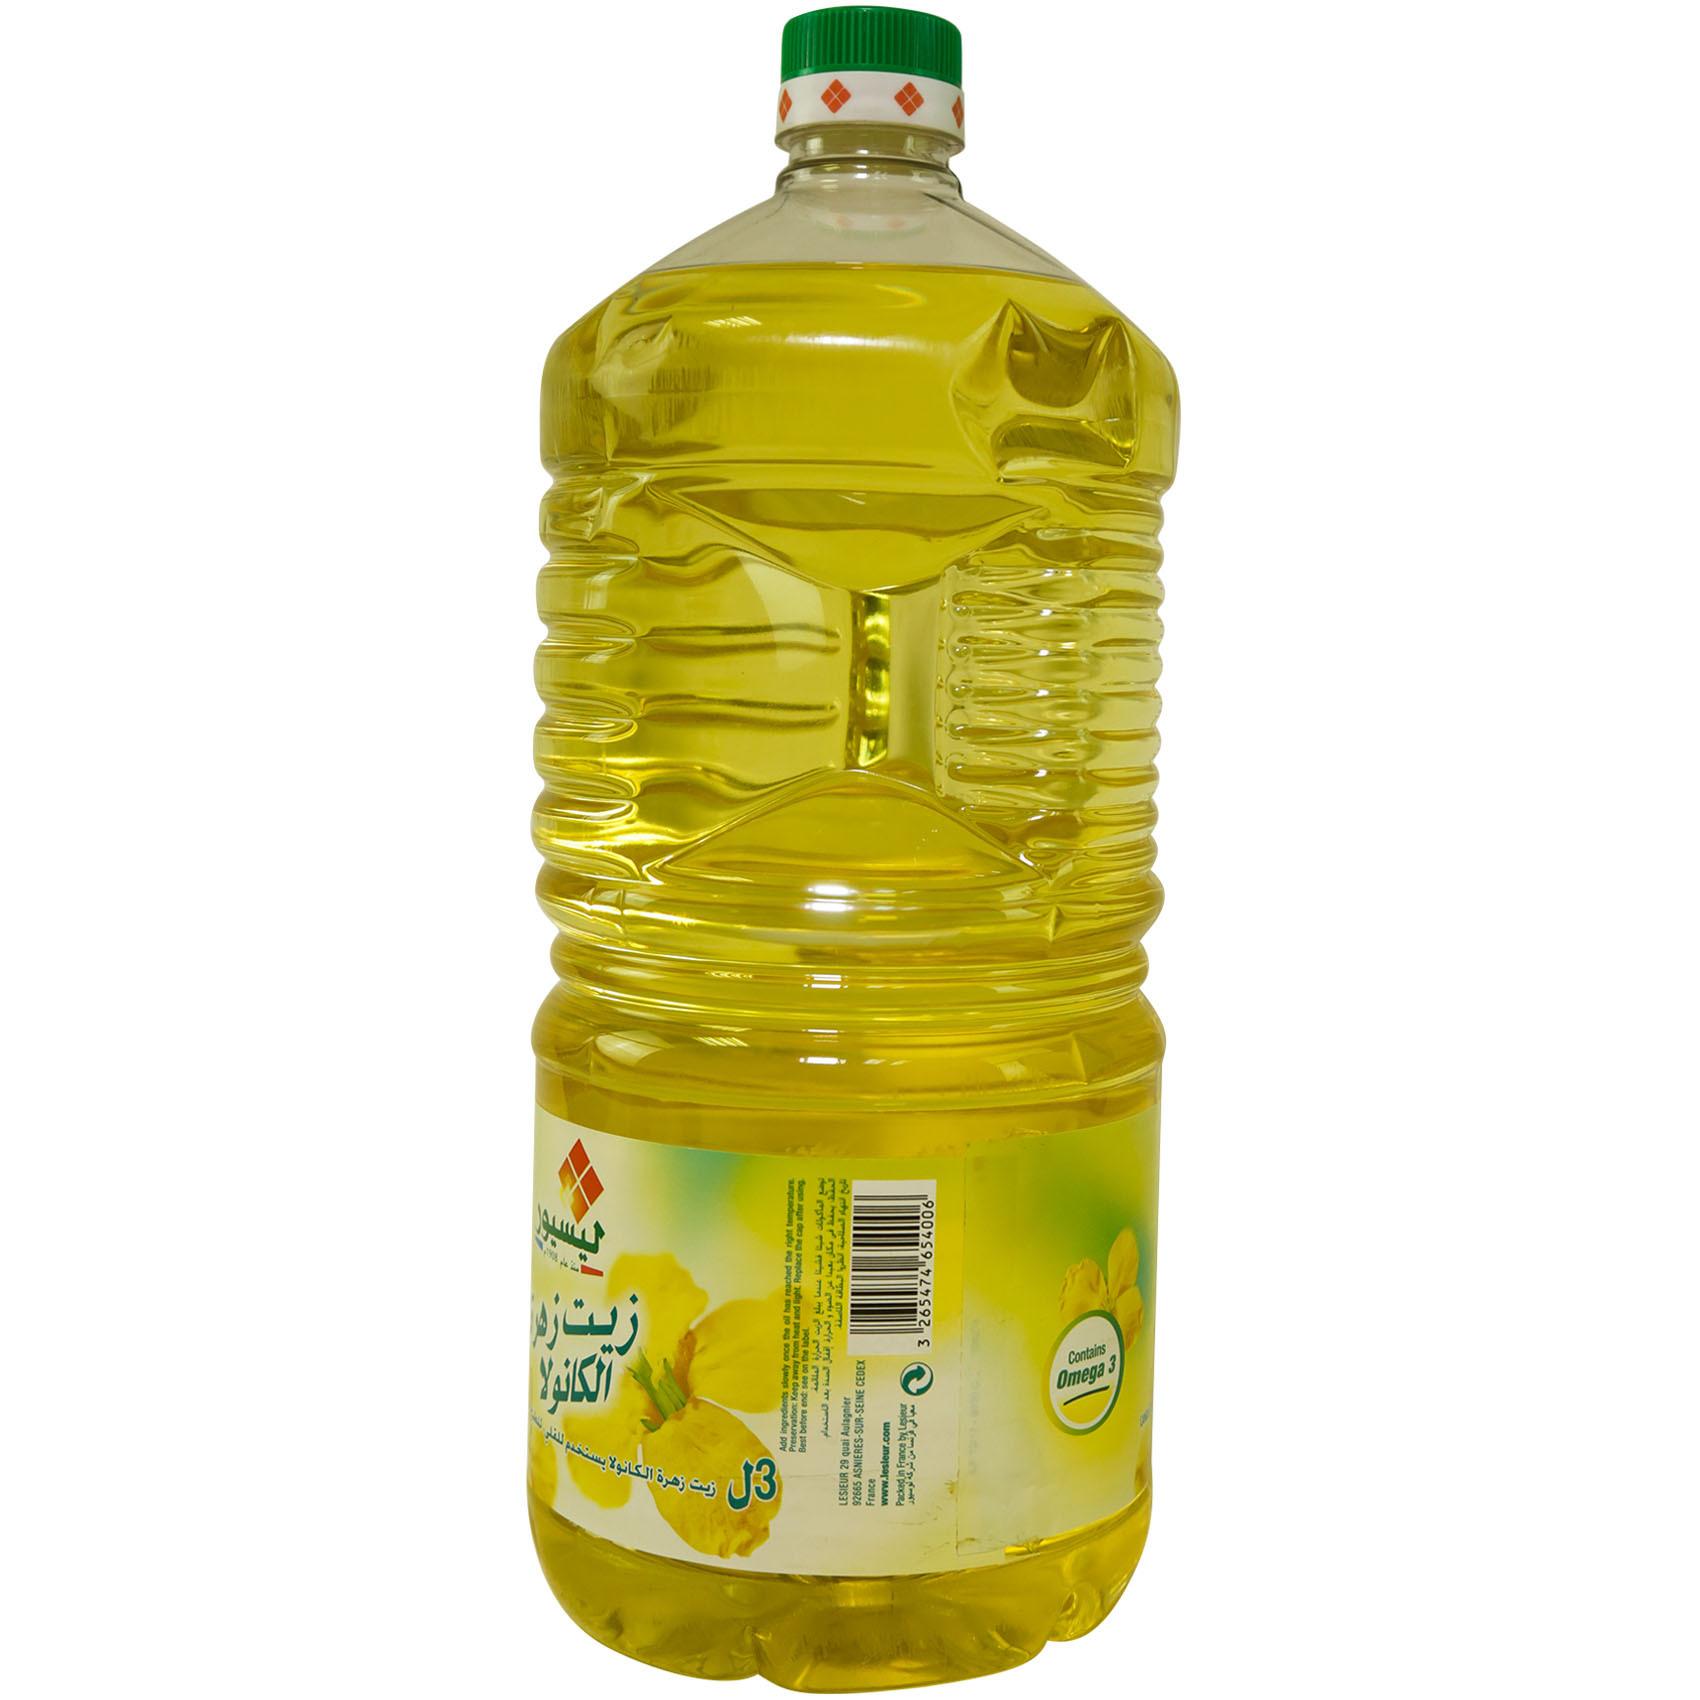 LESIEUR CANOLA OIL 3L